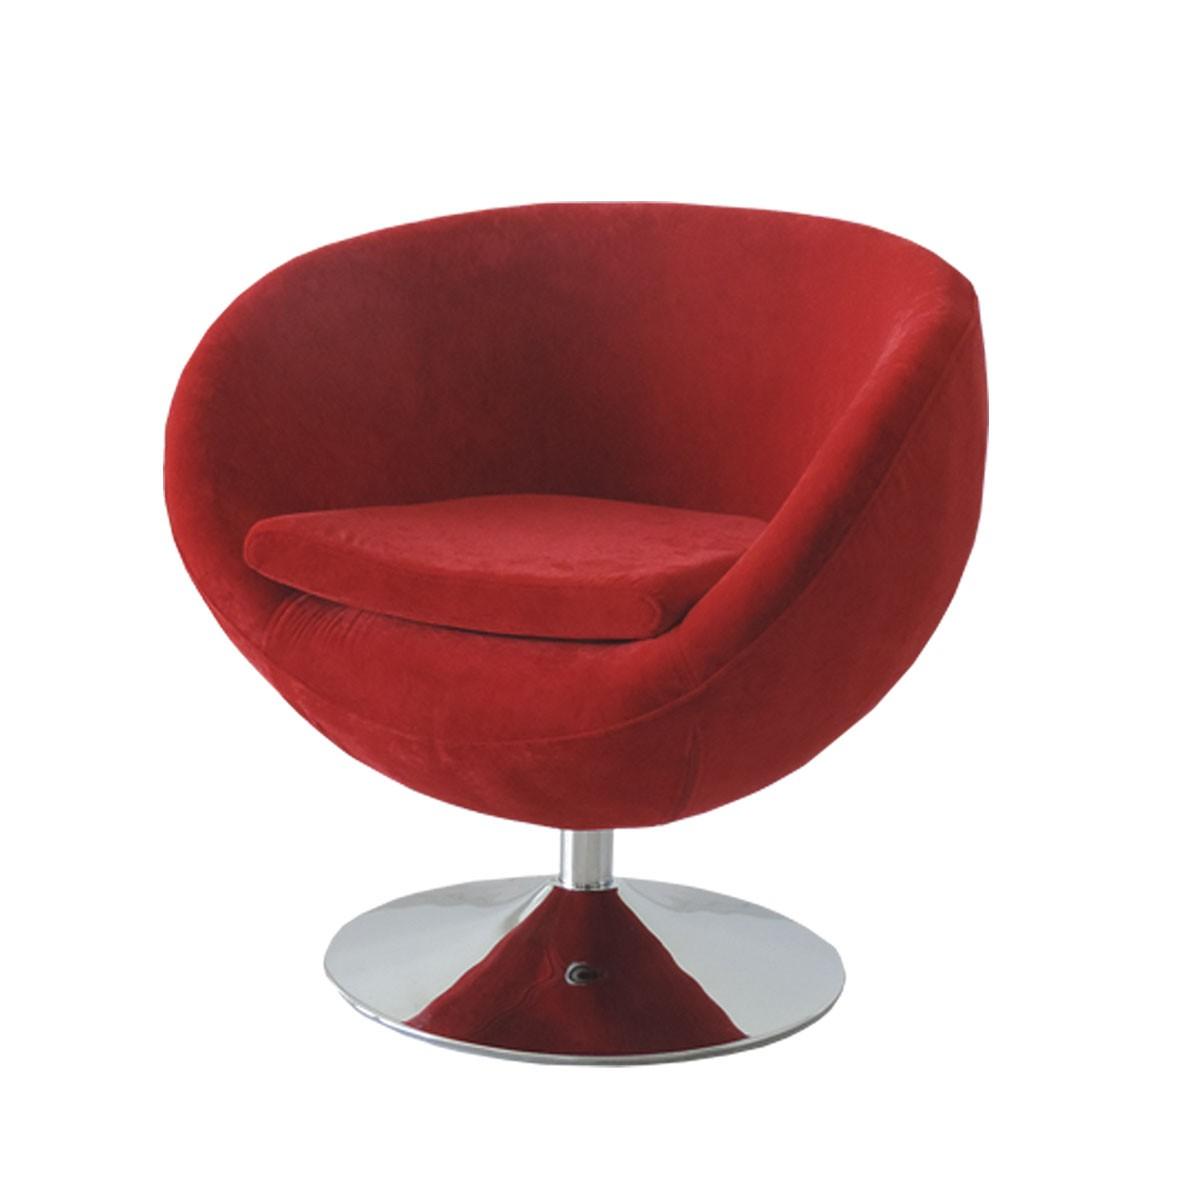 silla auxiliar f 5 muebles arteco